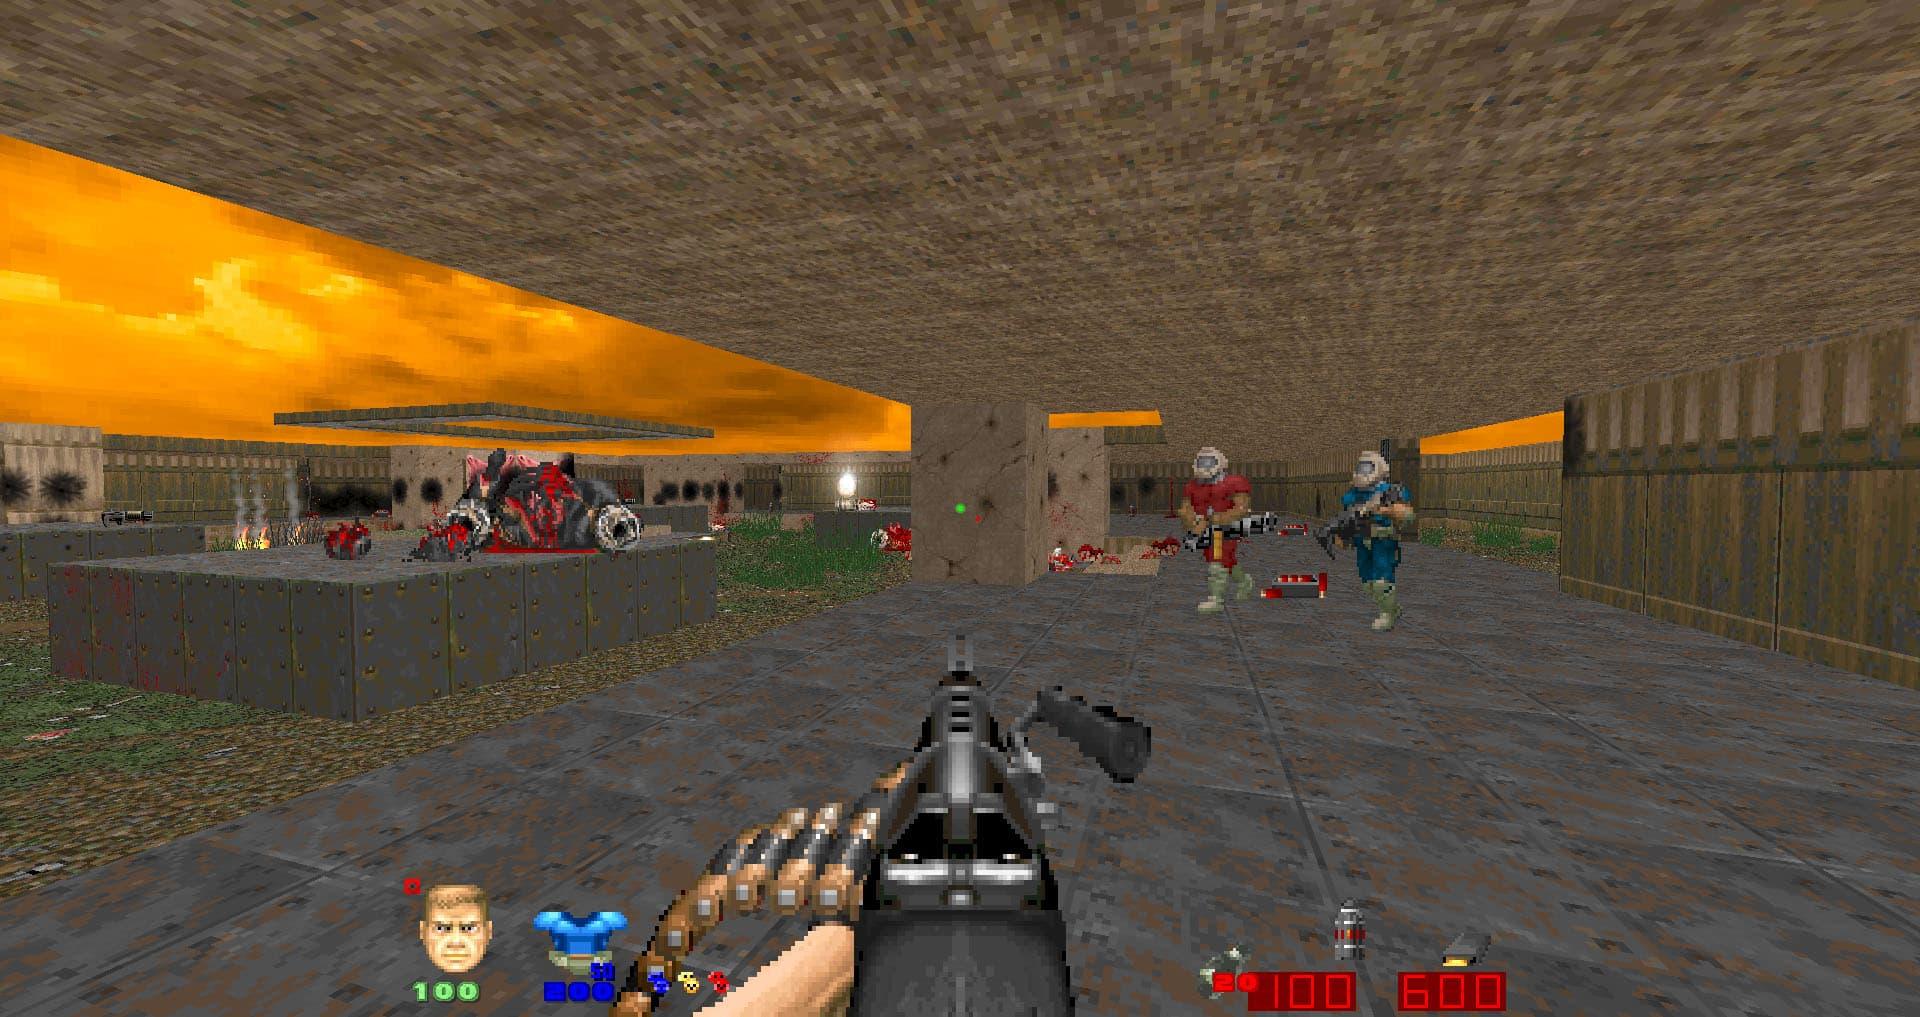 Скачать Brutal Doom v21 RC8 Pre-release • Брутал Дум • Моды